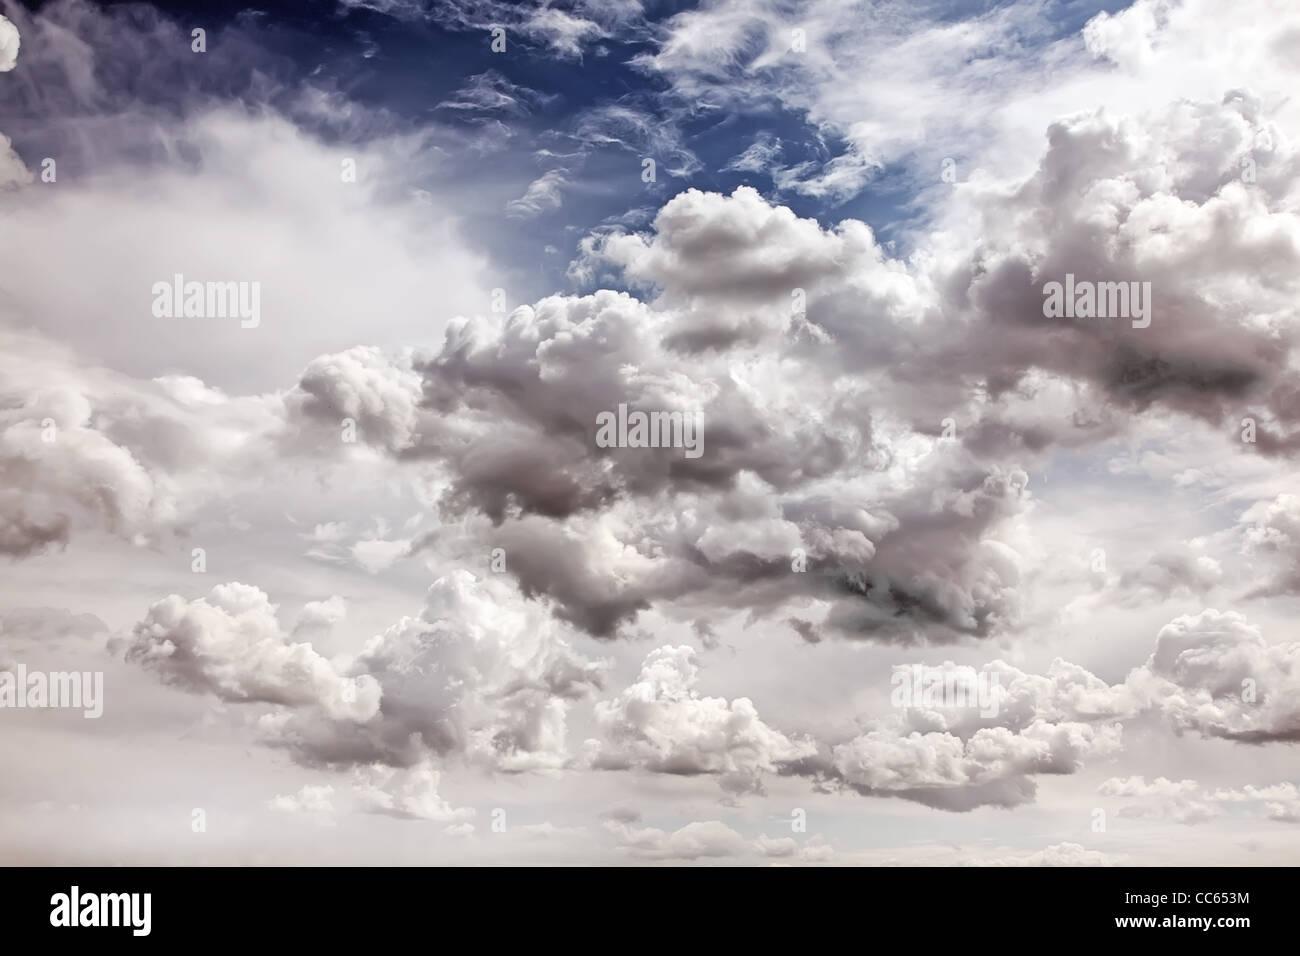 Wolkengebilde. Lebendige Himmelshintergrund. Stockbild